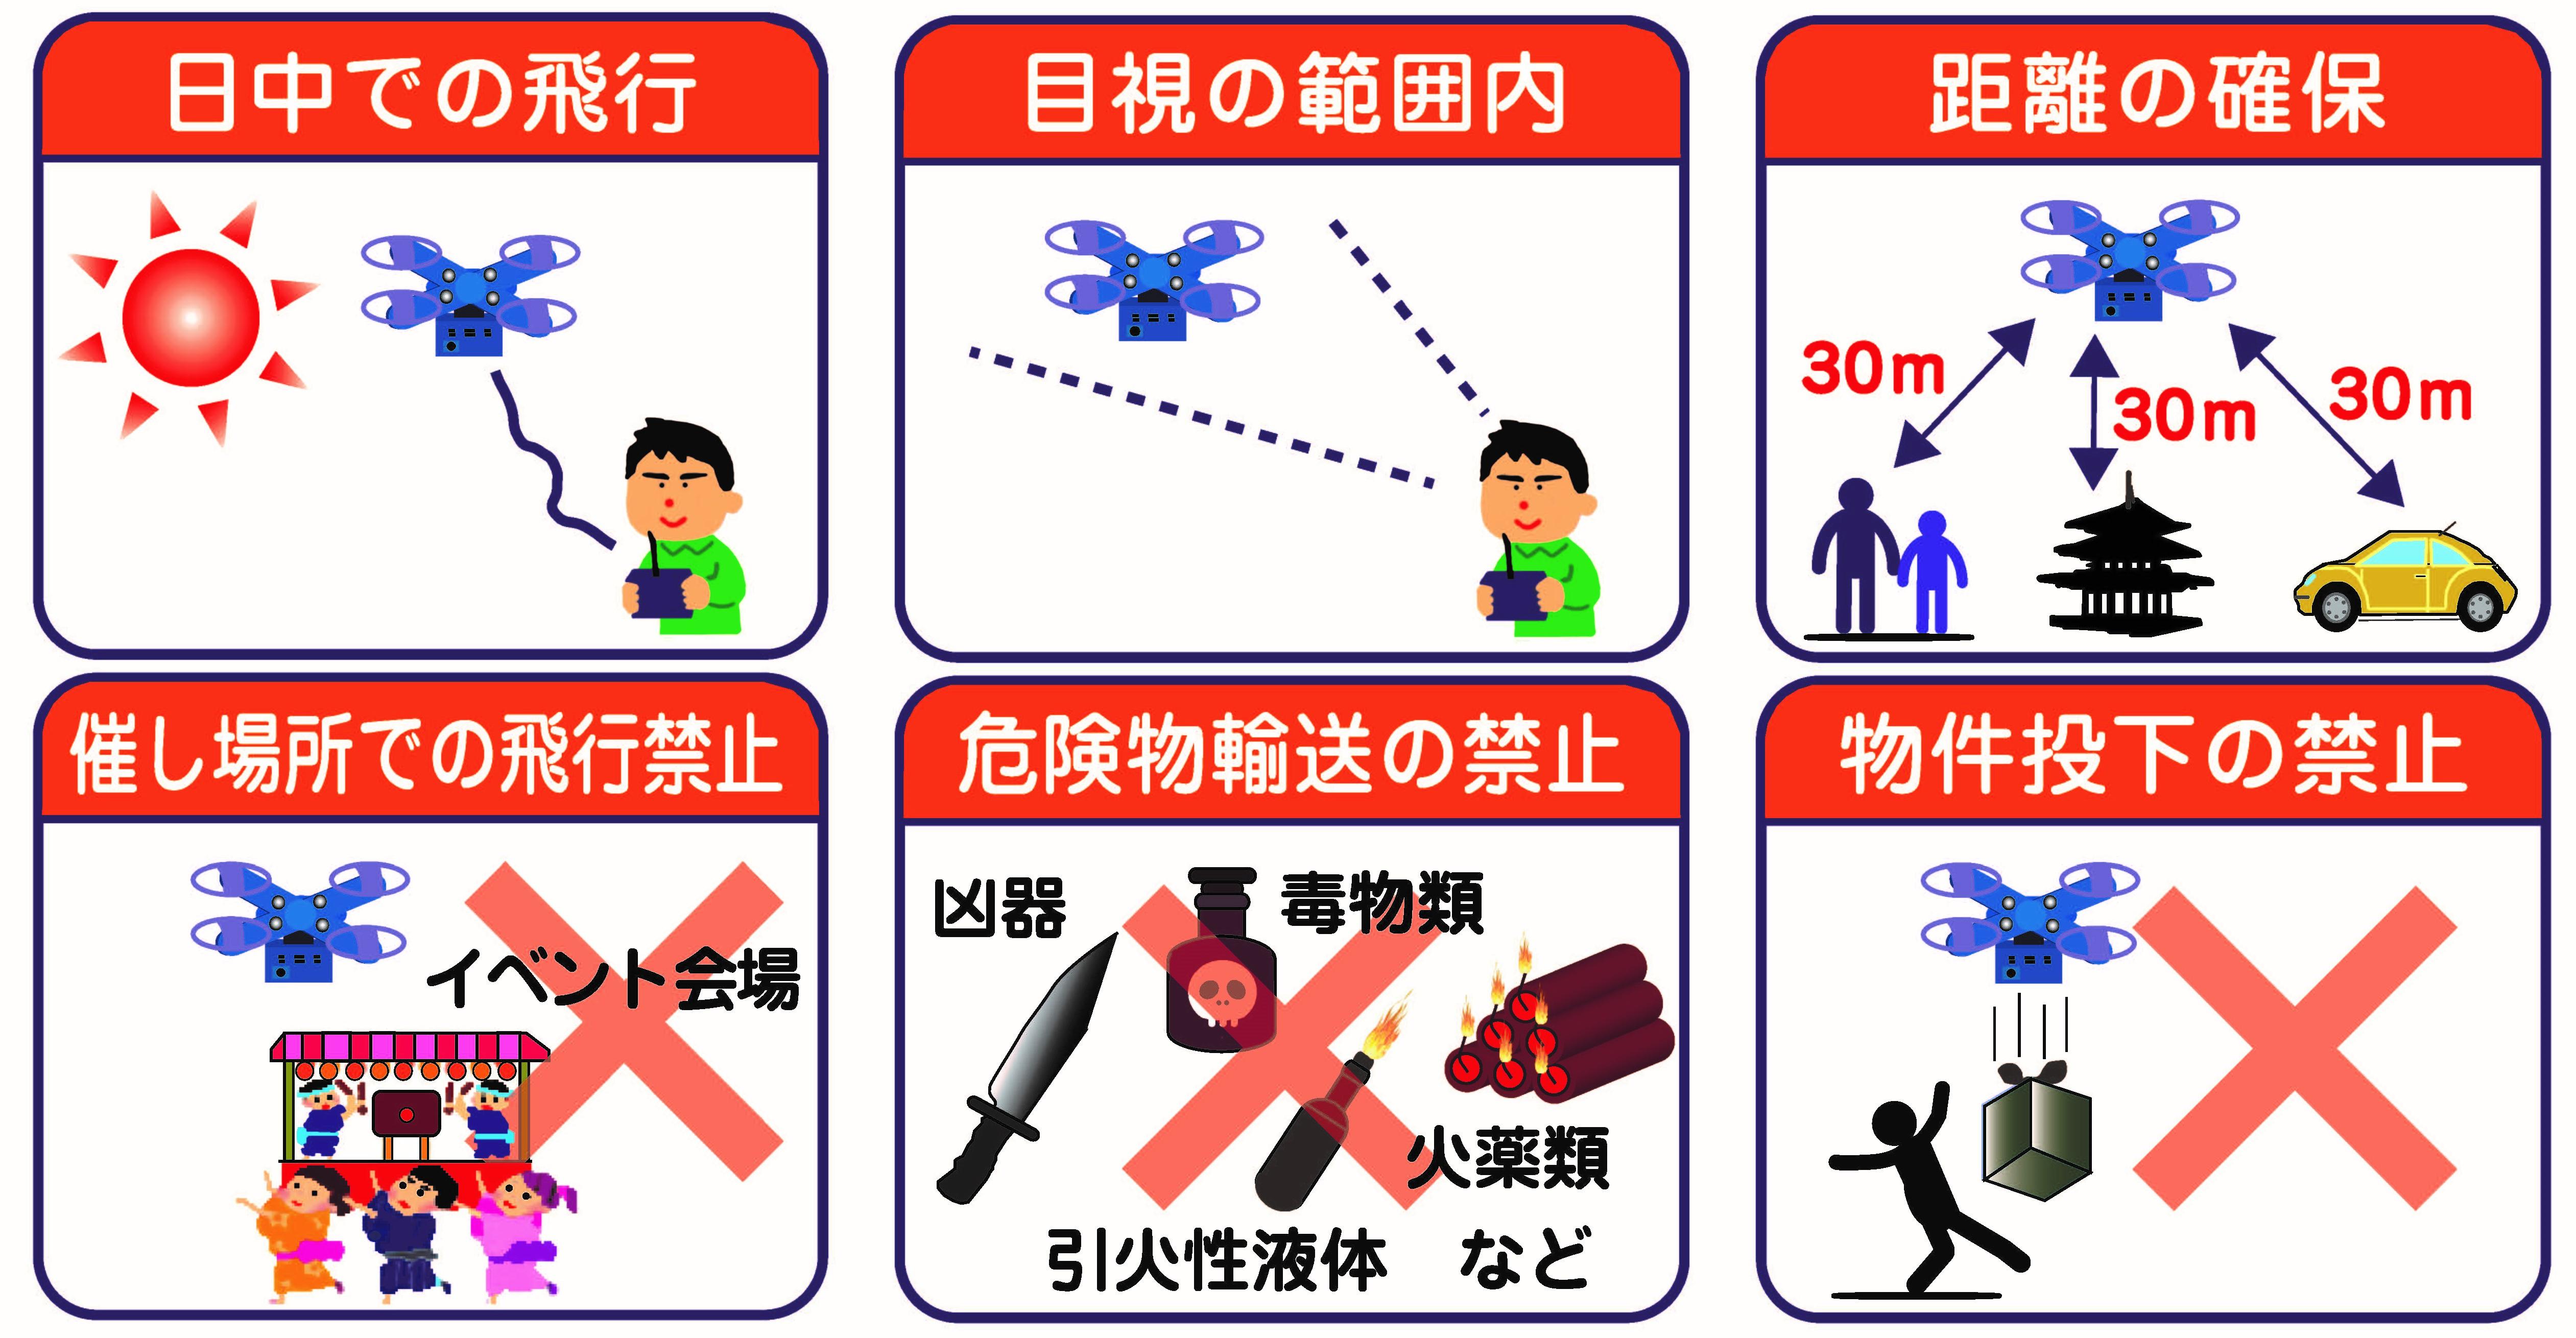 禁止あれている飛行の方法